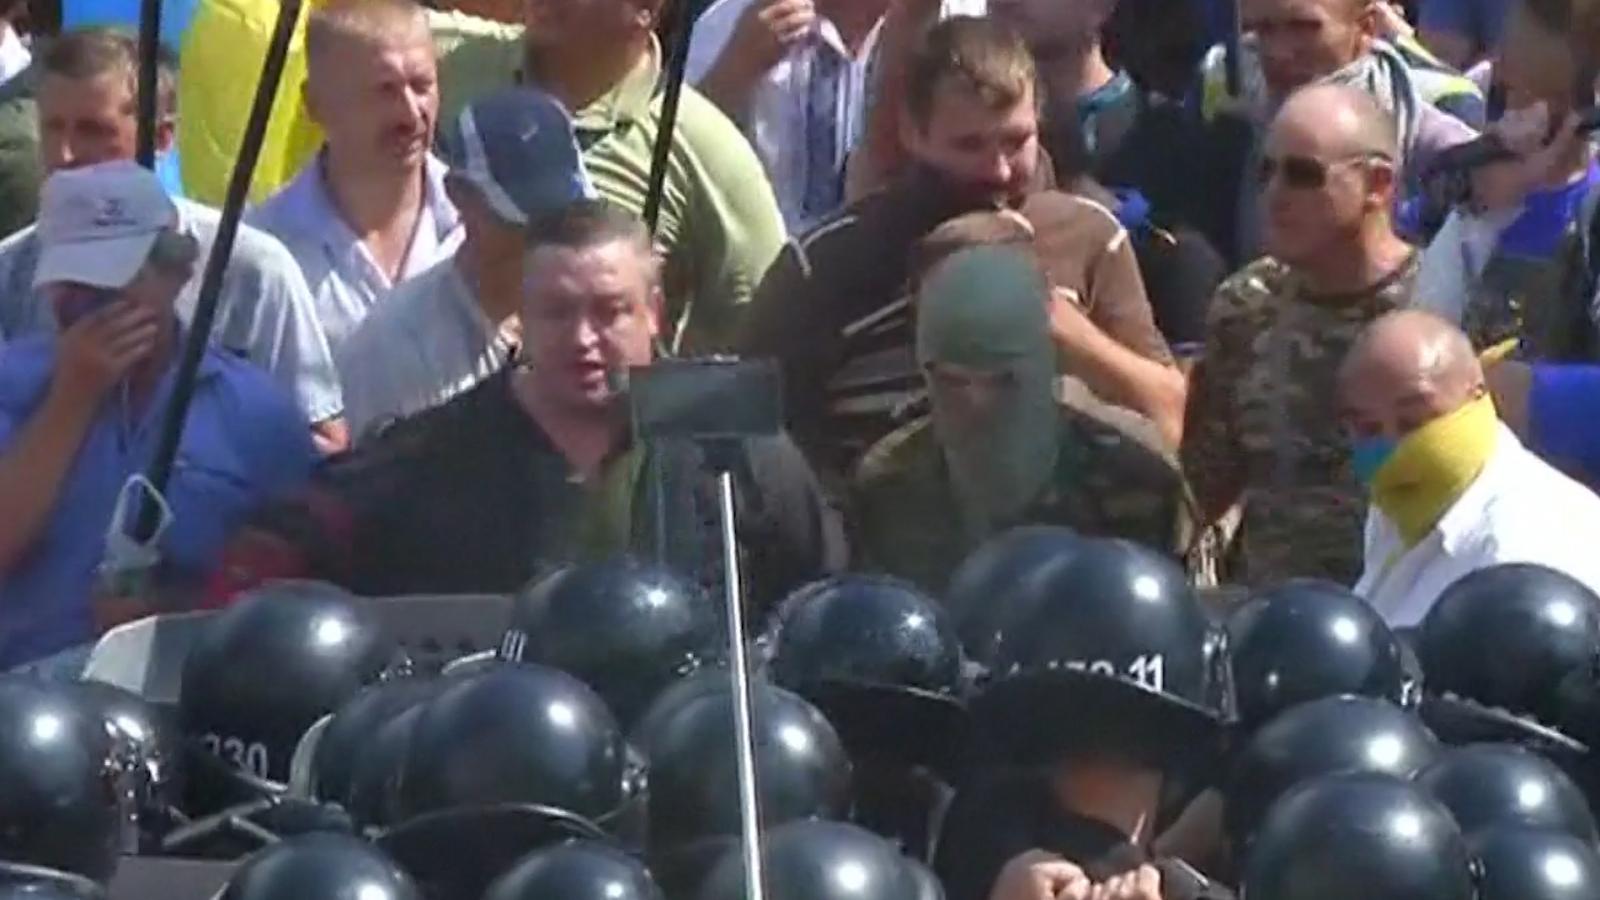 Ukraine parliament clashes